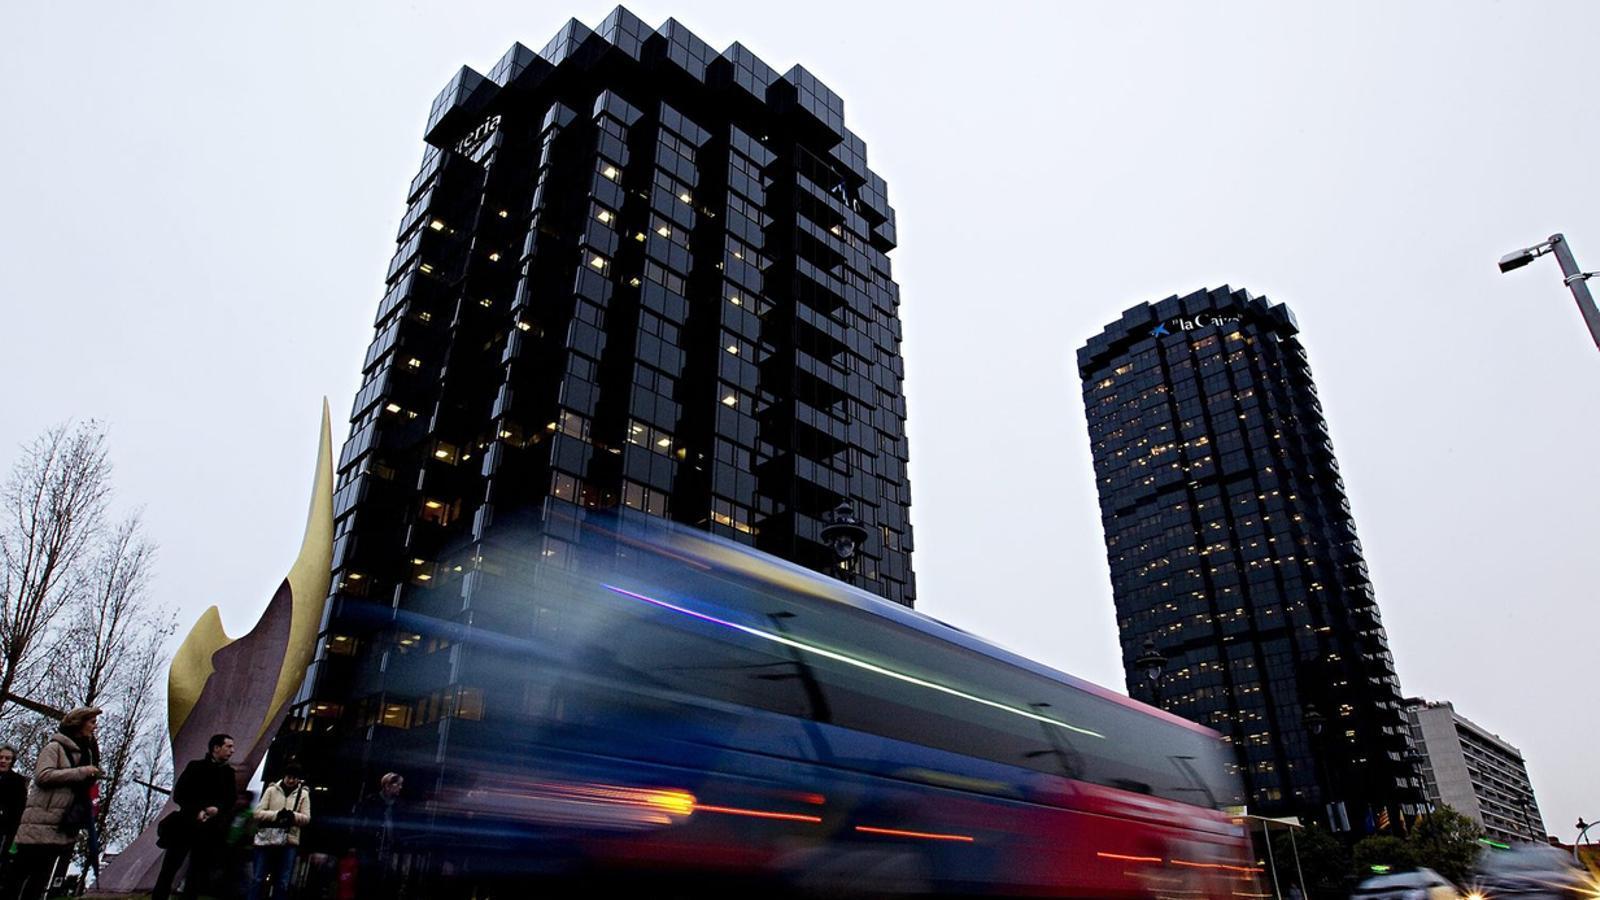 L'adéu al domicili social no implica que es moguin les oficines centrals. A la imatge, seu de CaixaBank a Barcelona.